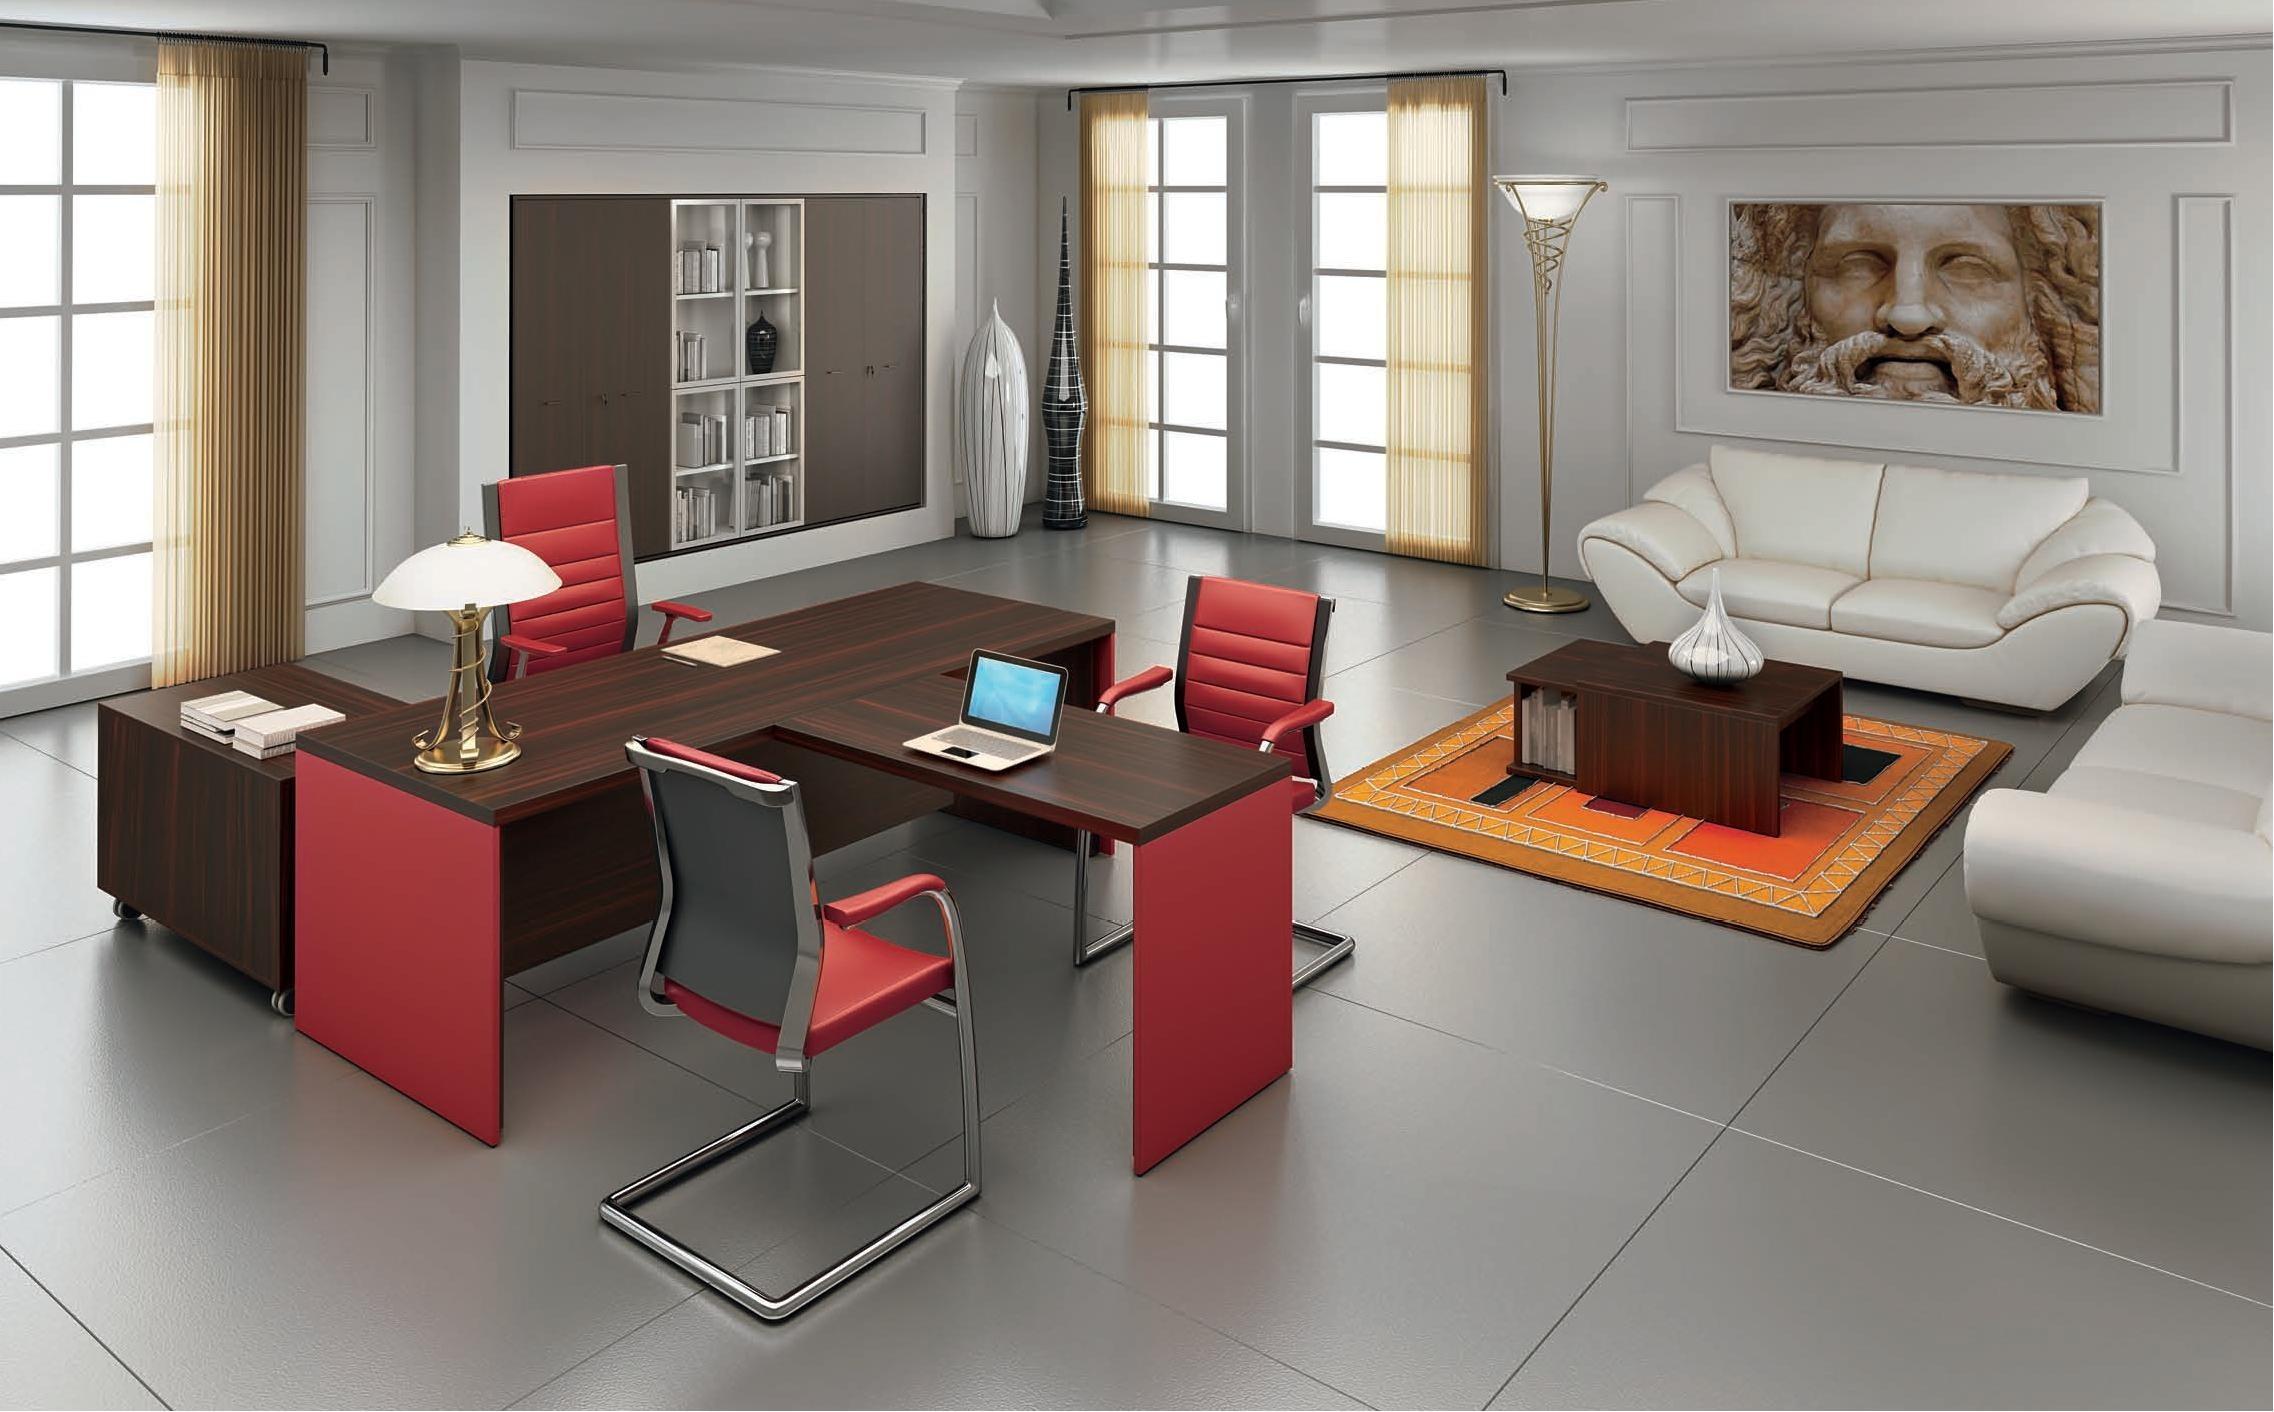 Директорски офис мебели изискан стил